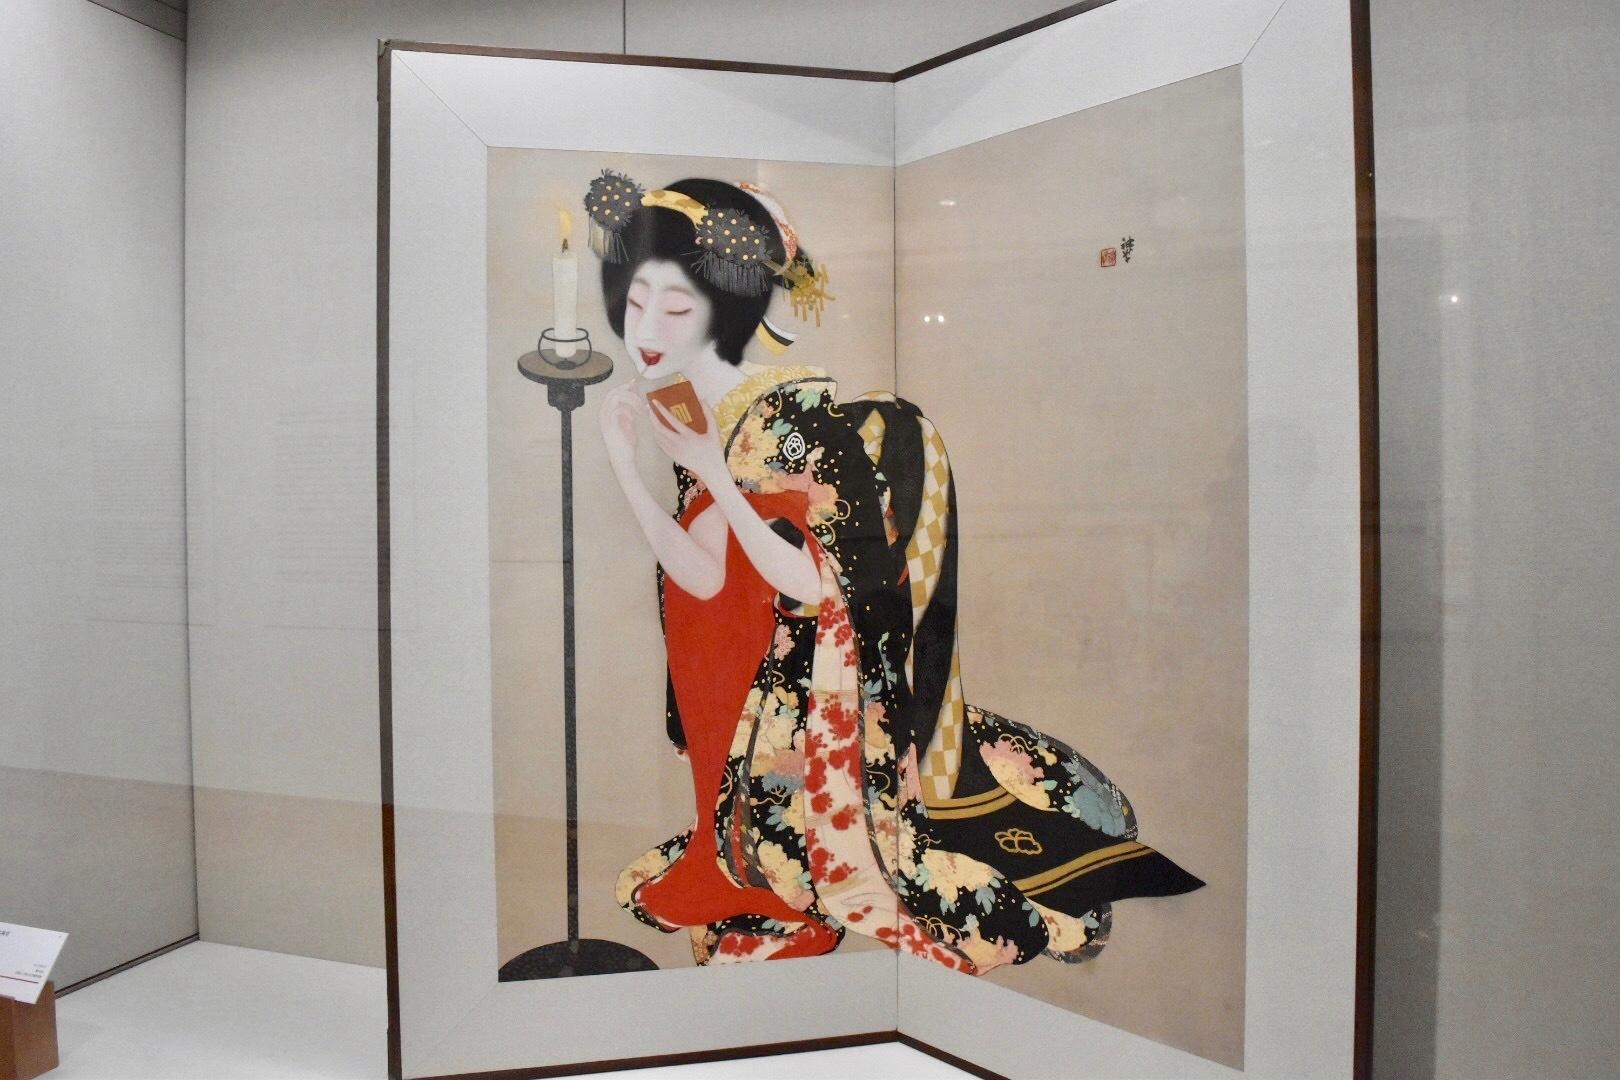 岡本神草 《口紅》 大正7(1918)年 京都市立芸術大学芸術資料館